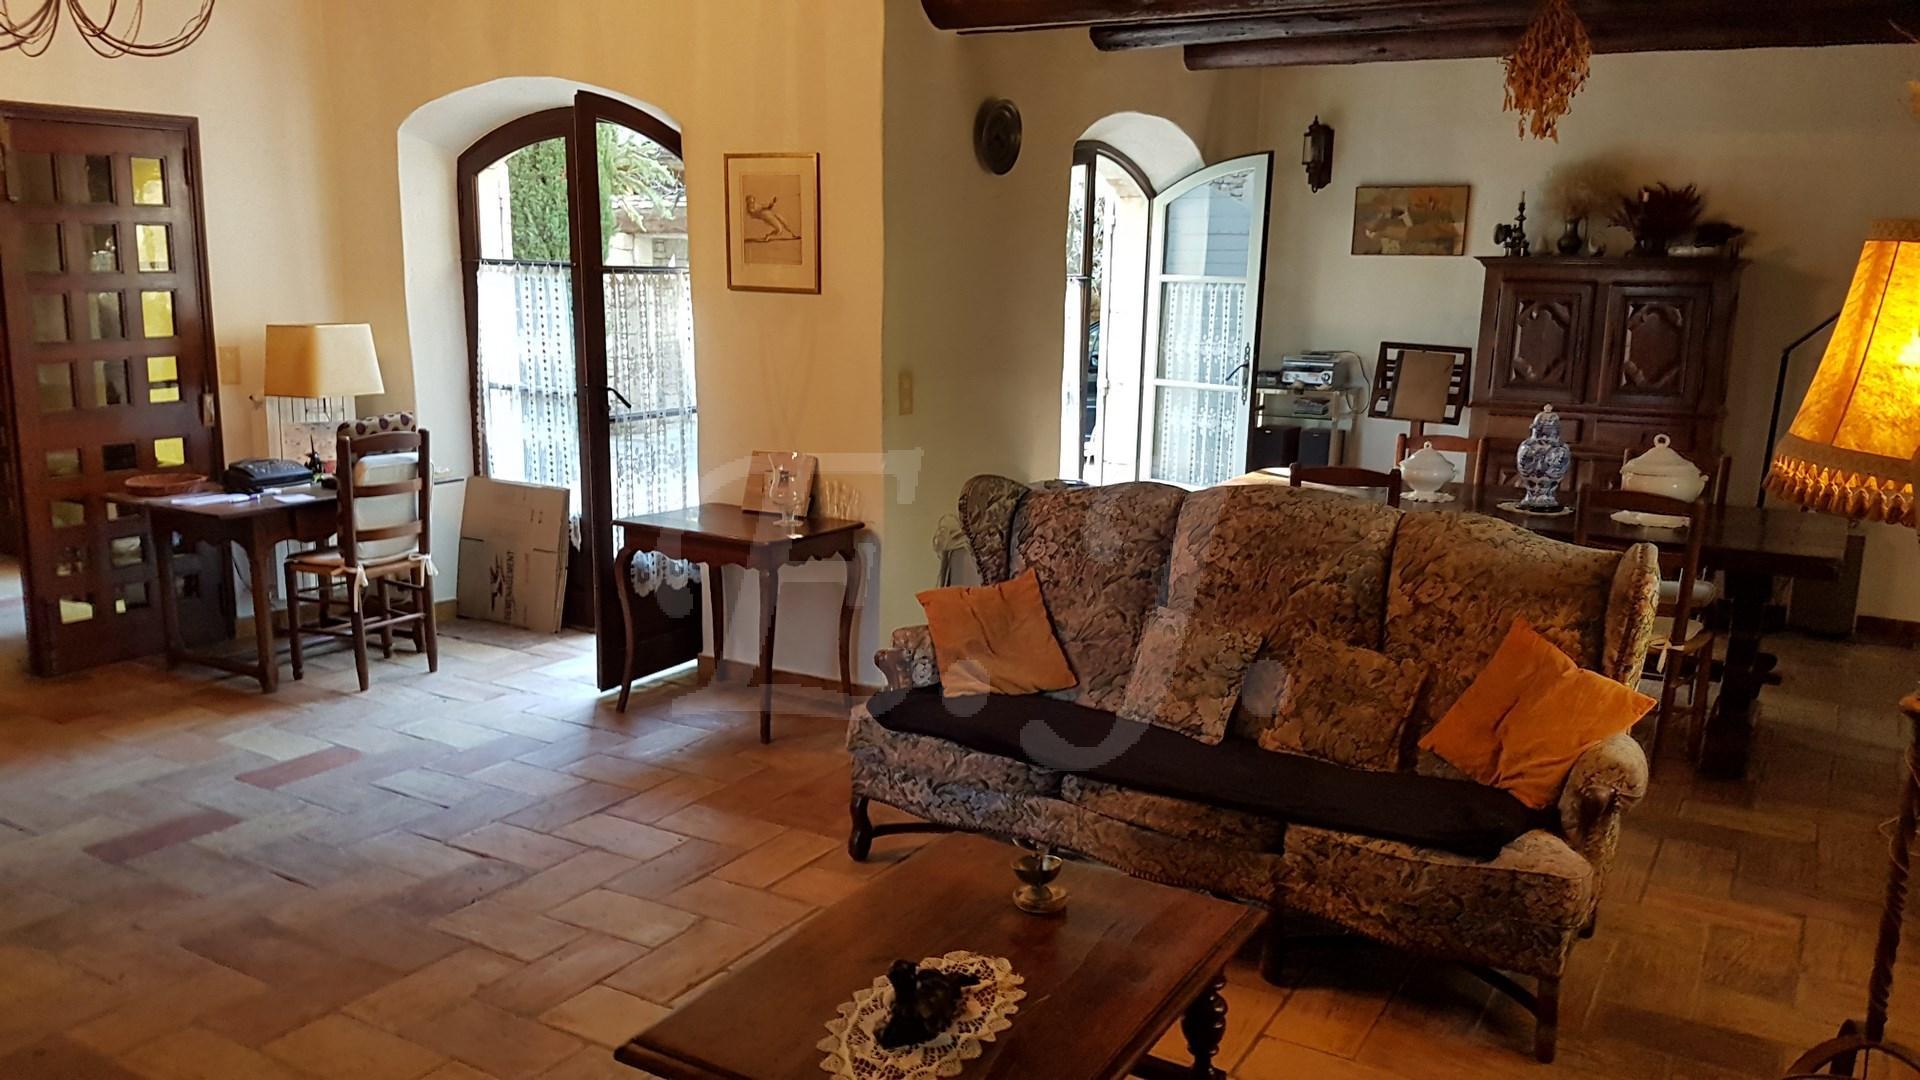 Vente Bastide T5 Robion en campagne , belle maison en pierre avec 4 chambres , une dépendance et un garage , sur 2000 m² de terrain clos